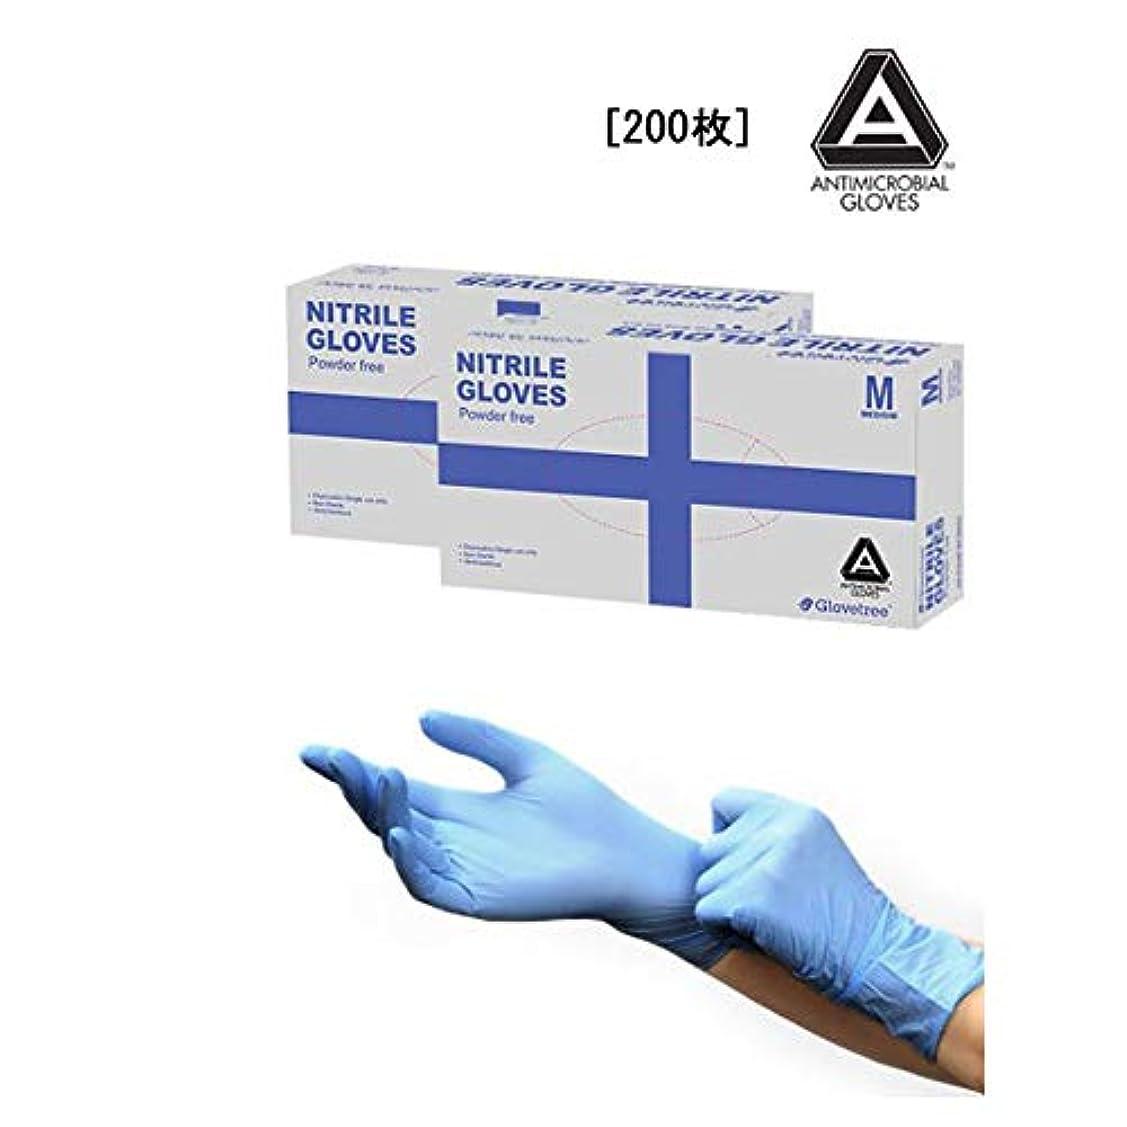 コイル練る類似性(Glove Tree)AMG(Anti Microbial Gloves) 最高品質 無粉末 ニトリル手袋 パウダーフリー Biolet Blue 200枚(3.2g Nitrile、Mサイズ目安、Powder Free...